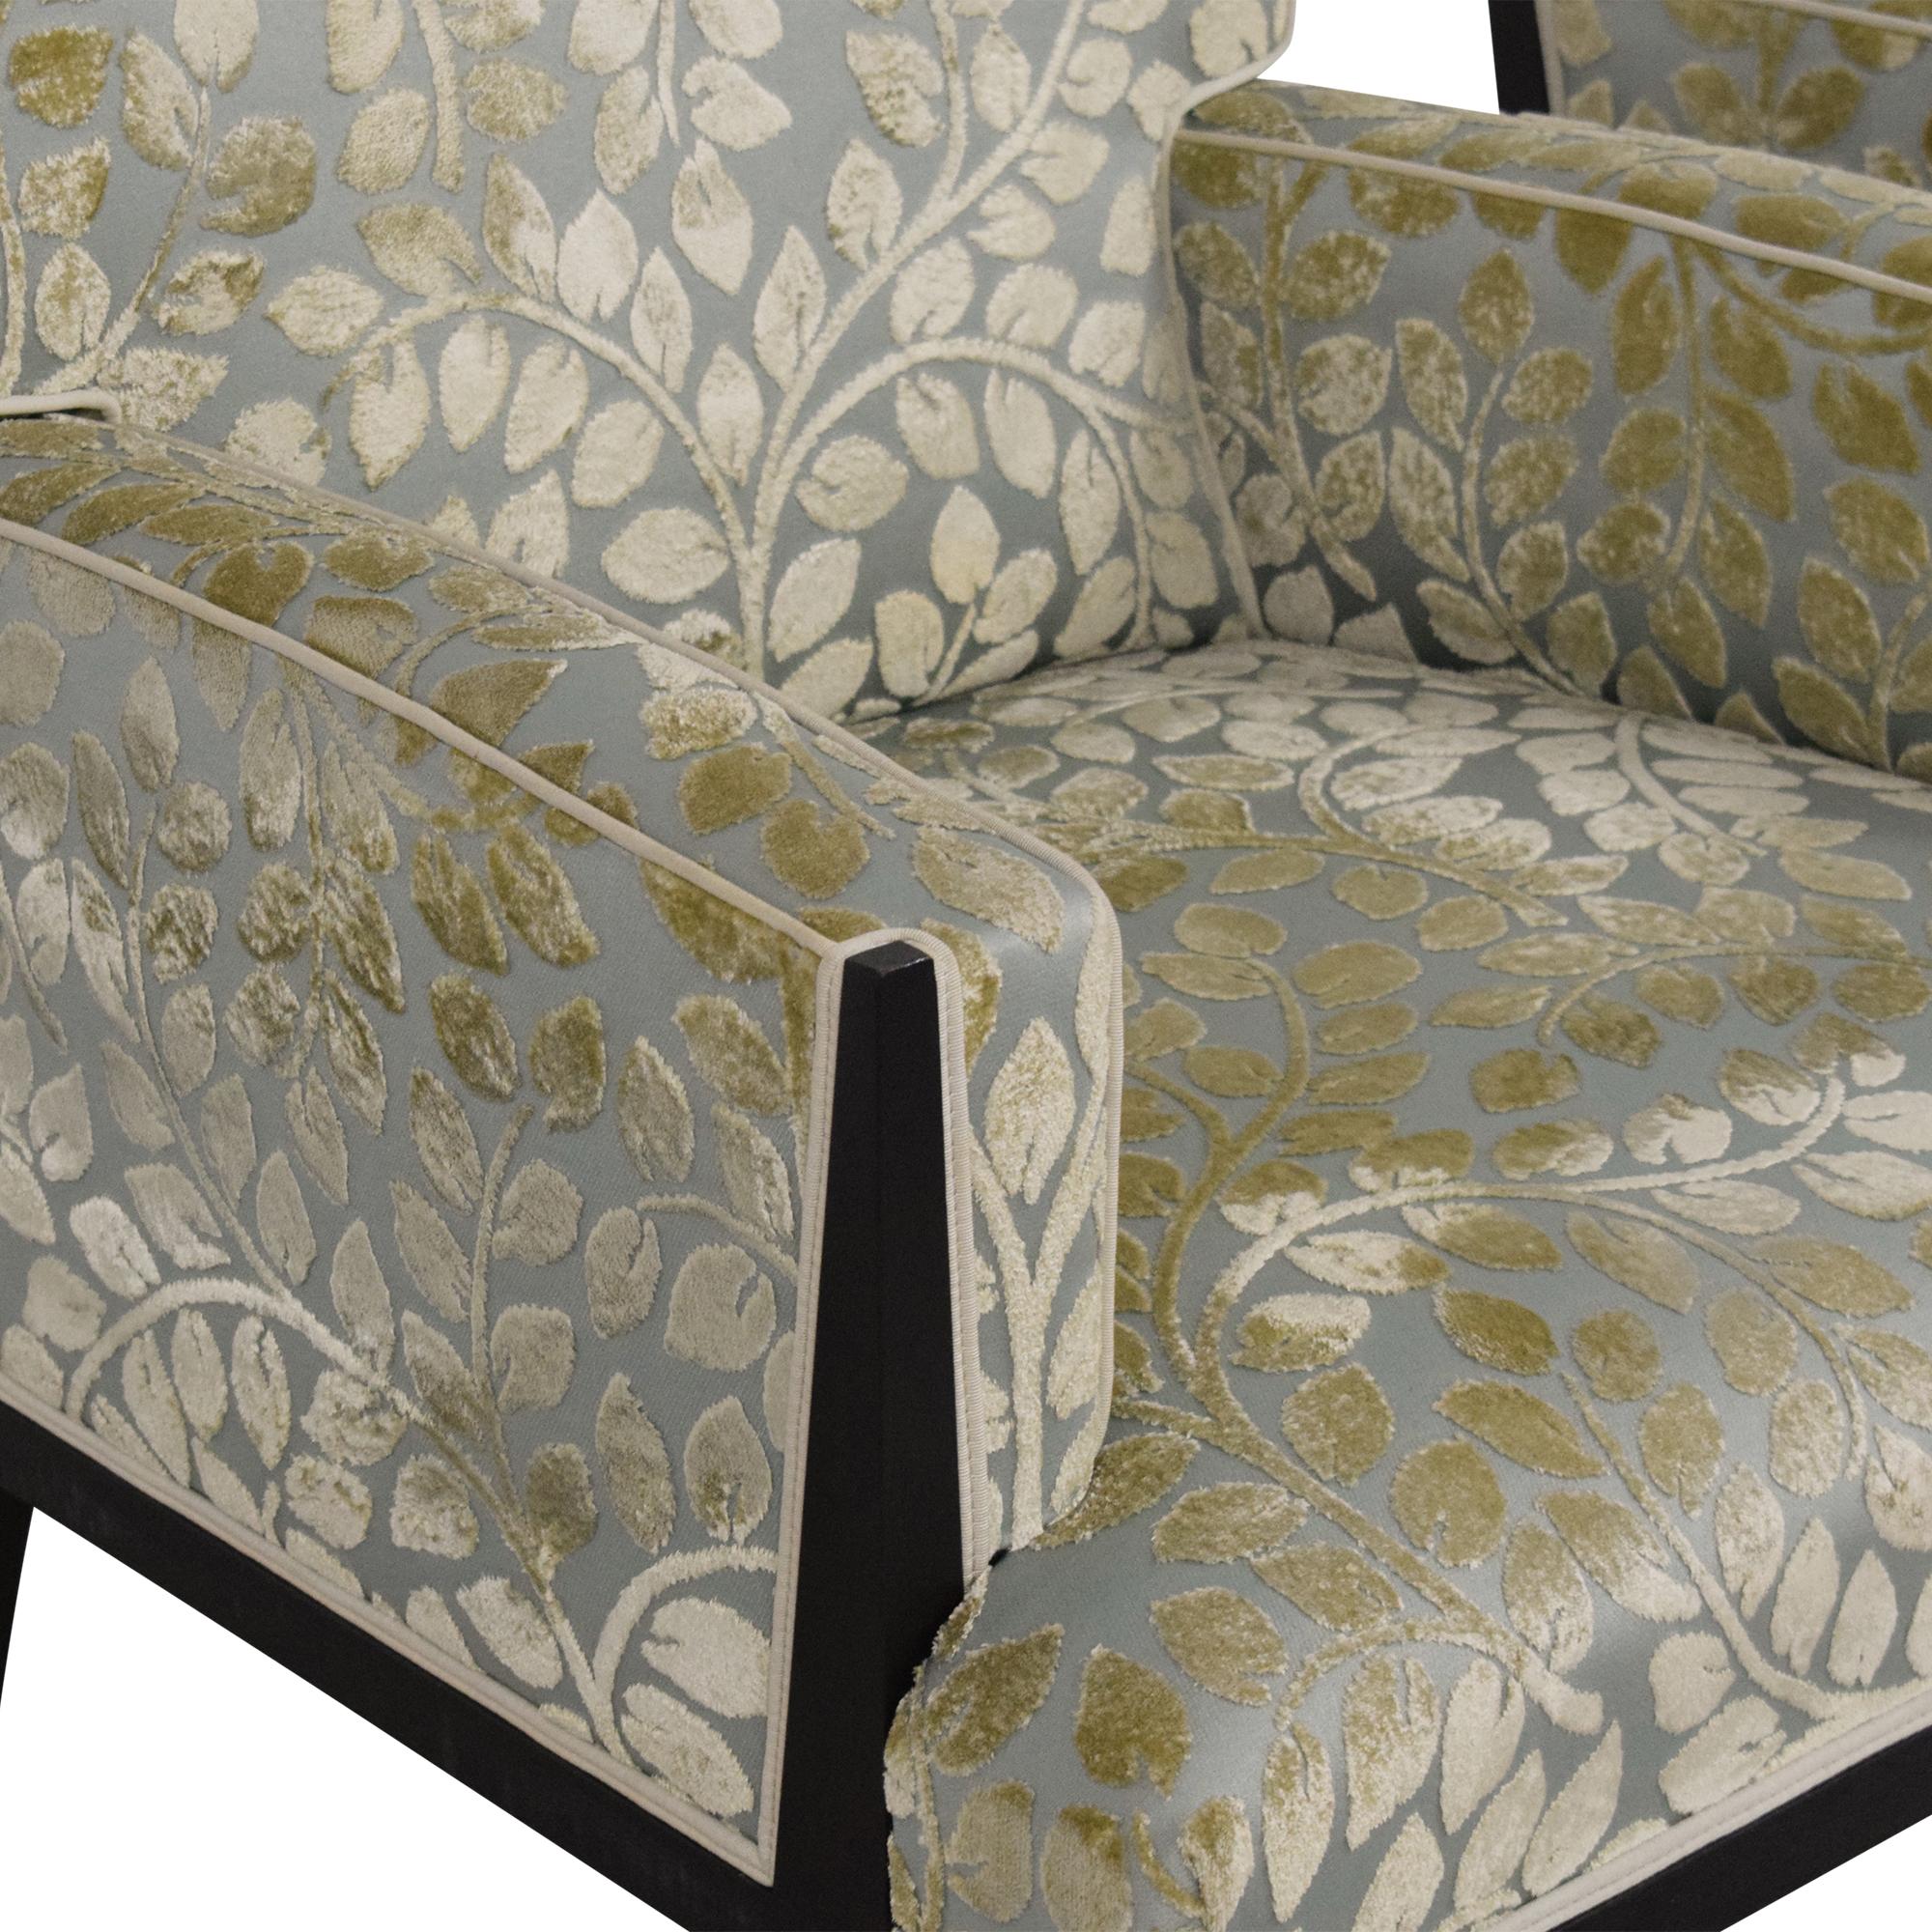 Mattaliano Mattaliano Flea Market #1 Dining Arm Chairs dimensions